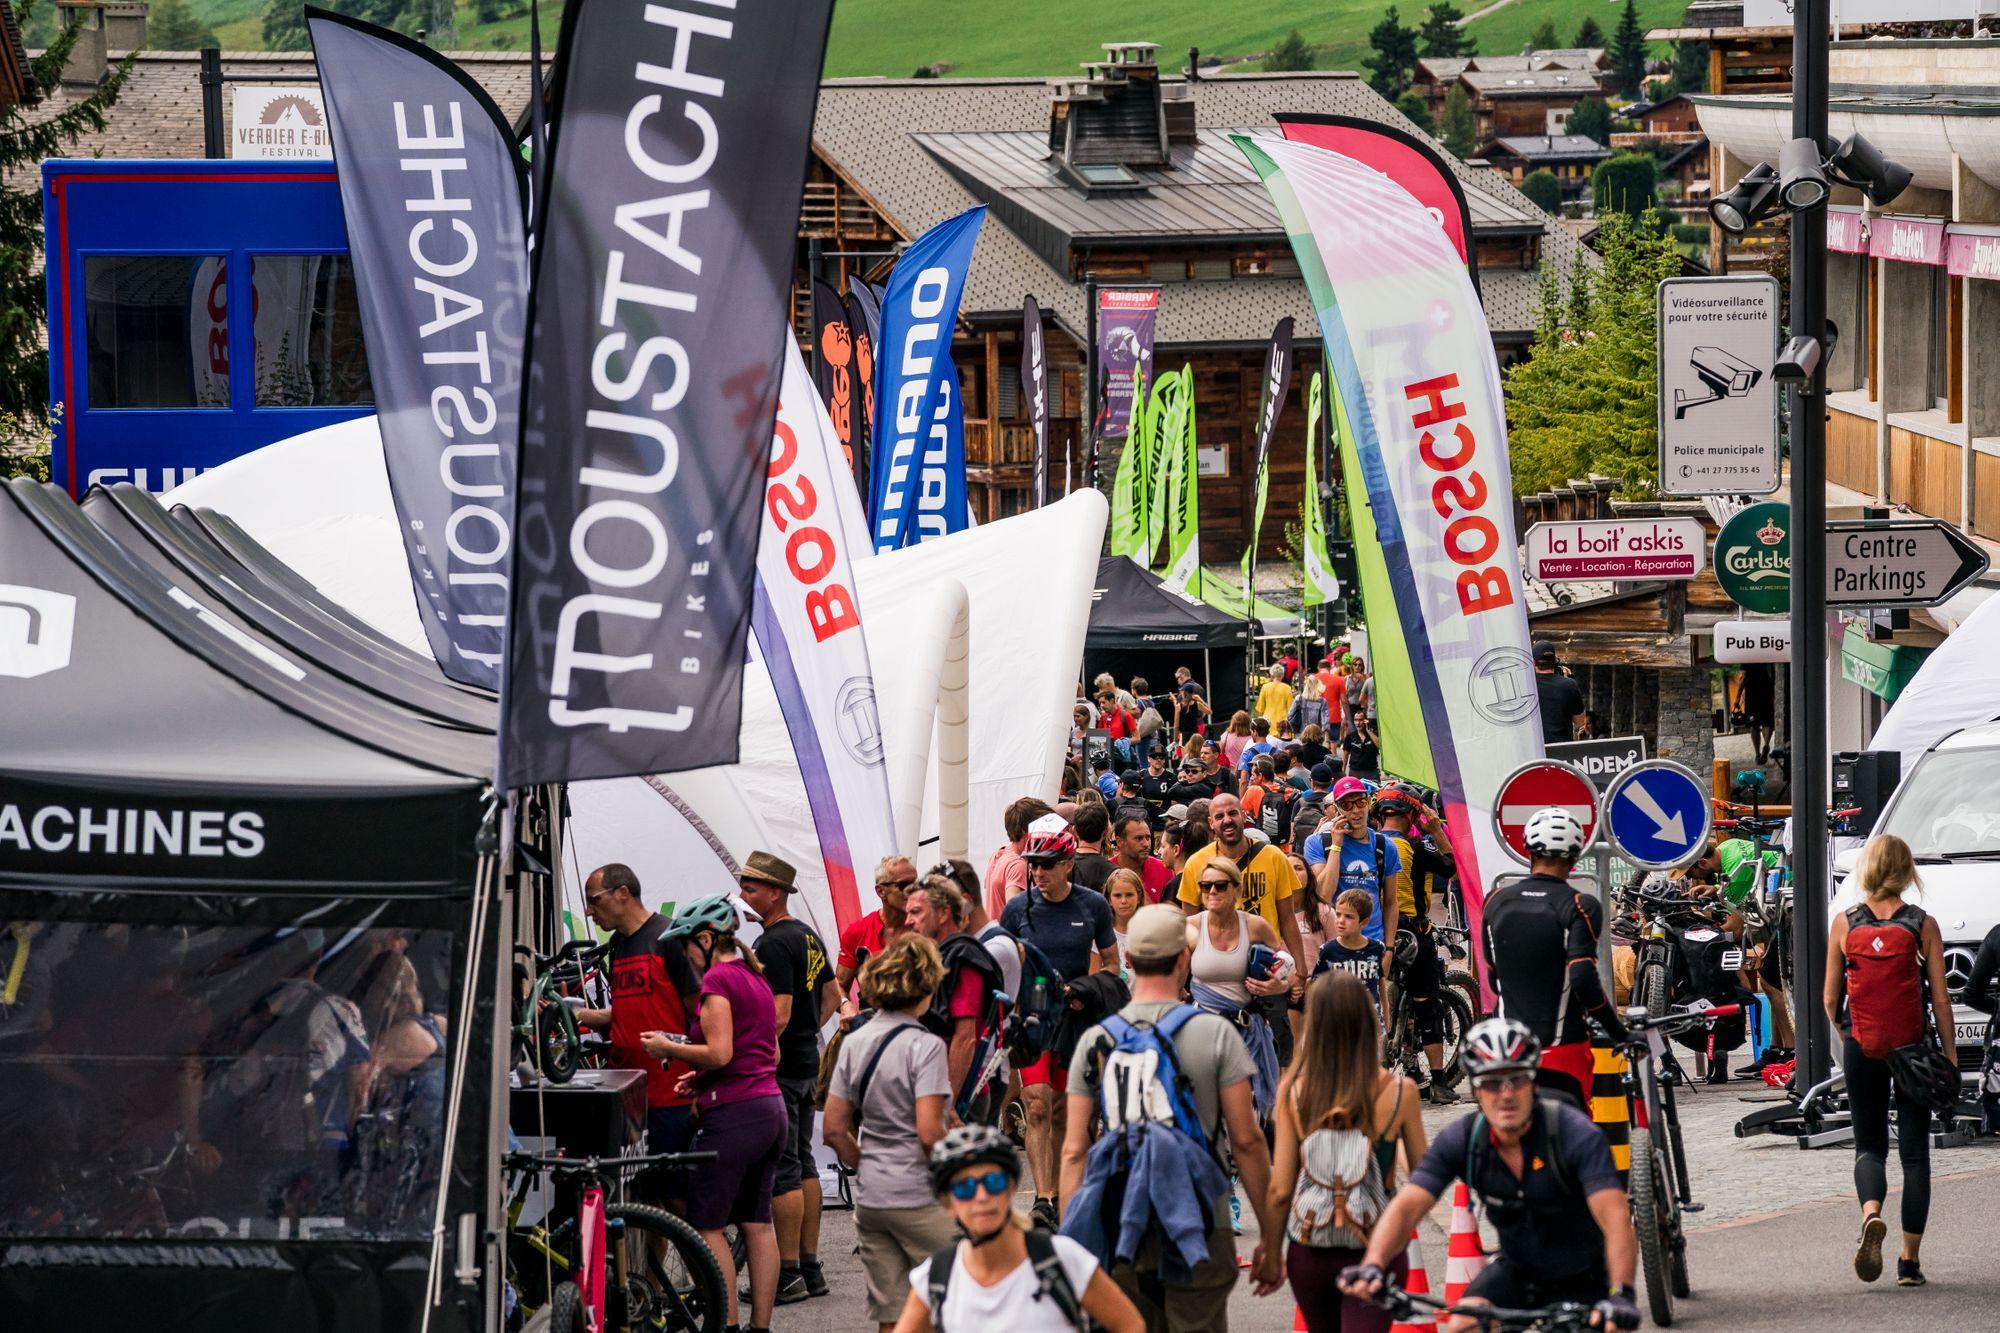 Verbier E-Bike Festival 13. - 16. August